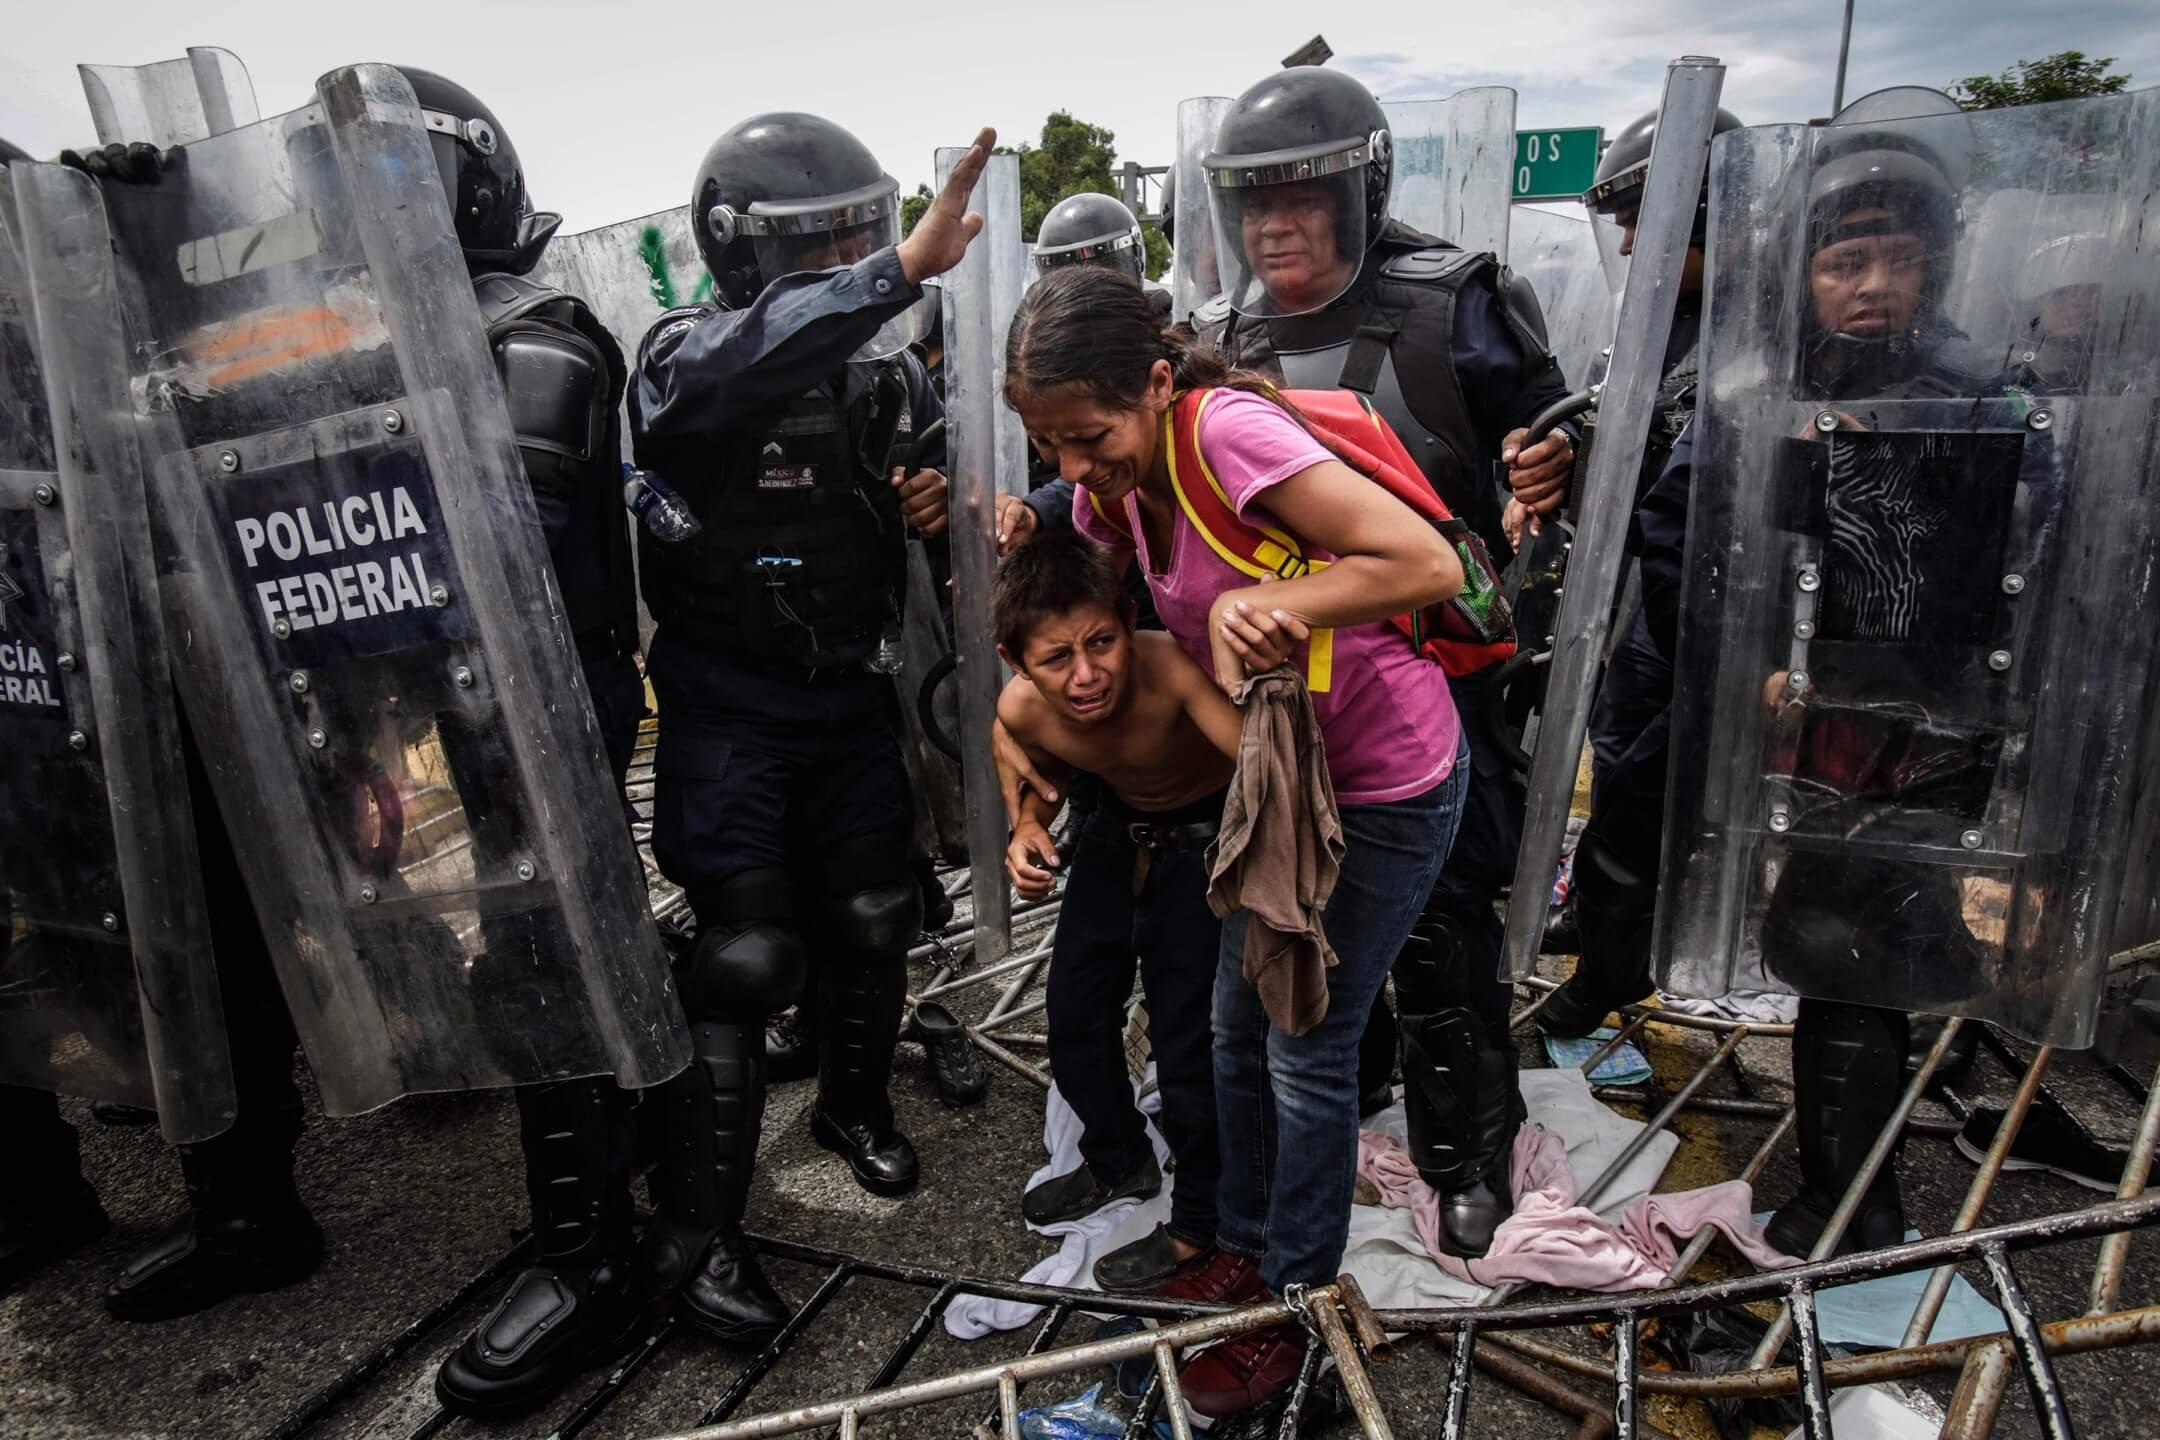 2018年10月19日,墨西哥伊達爾戈的邊防口岸,一對母子被防暴警察包圍,神色慌張。 攝:Moises Castillo/AP